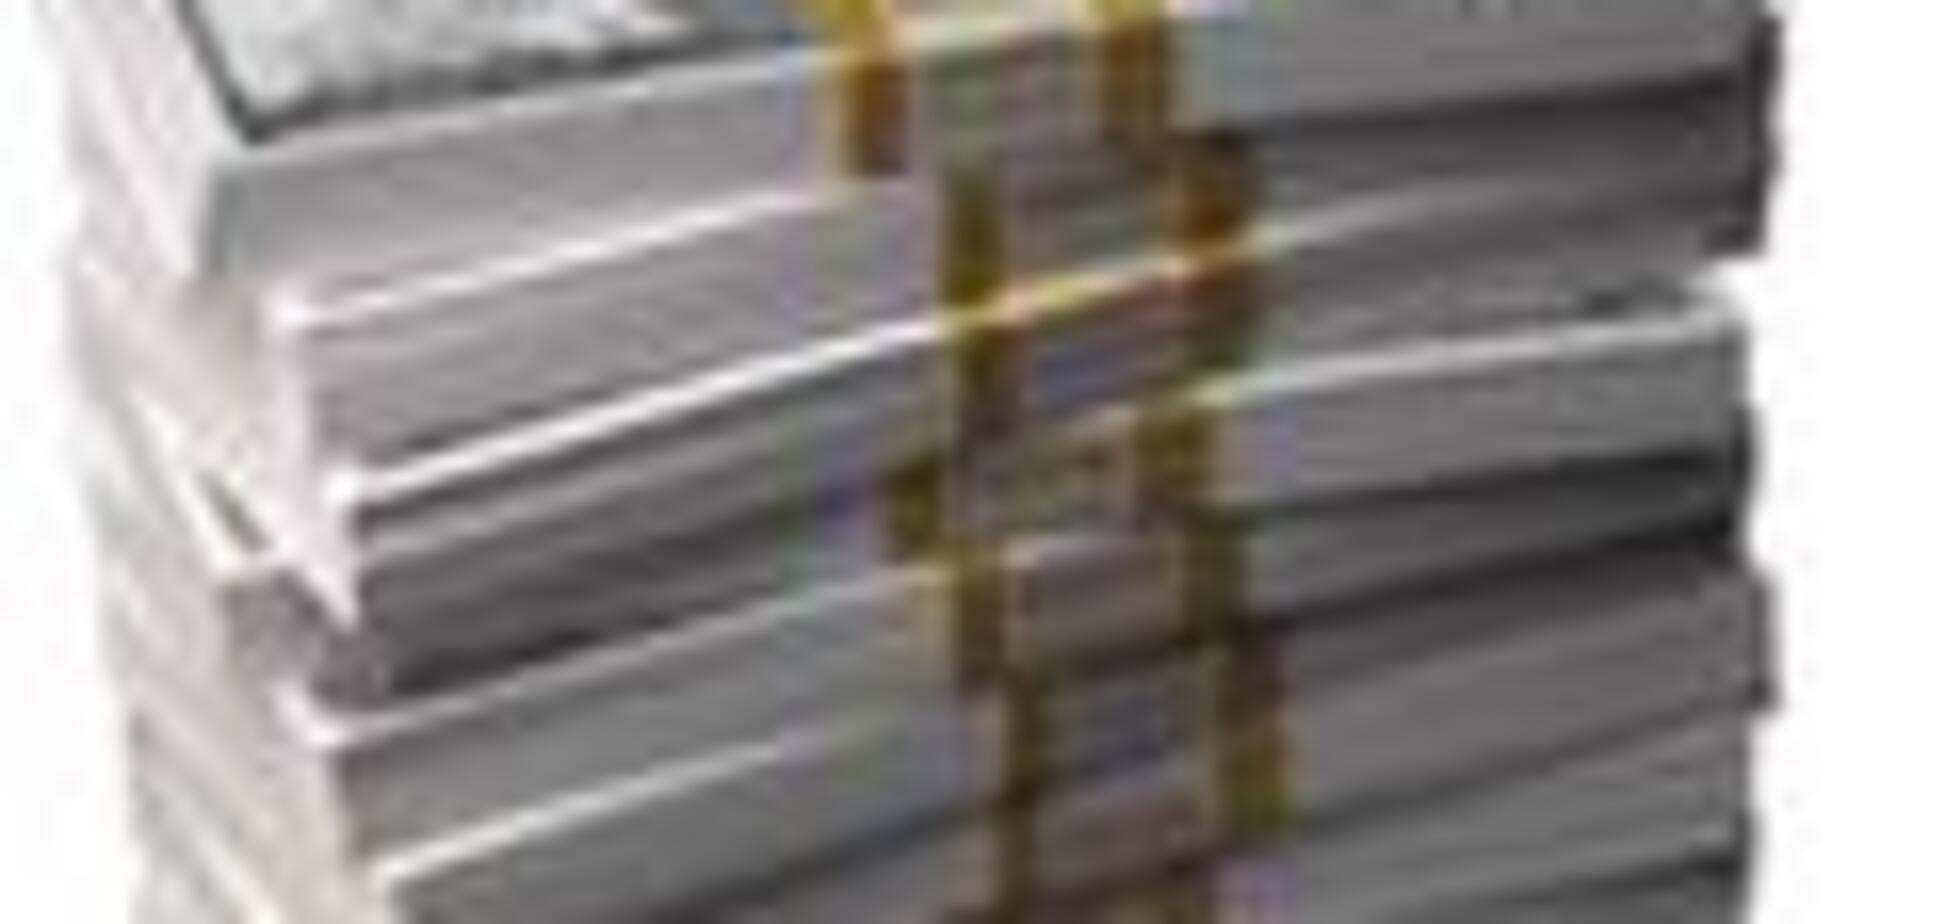 СБУ подтвердила кражу крупной суммы у своего сотрудника